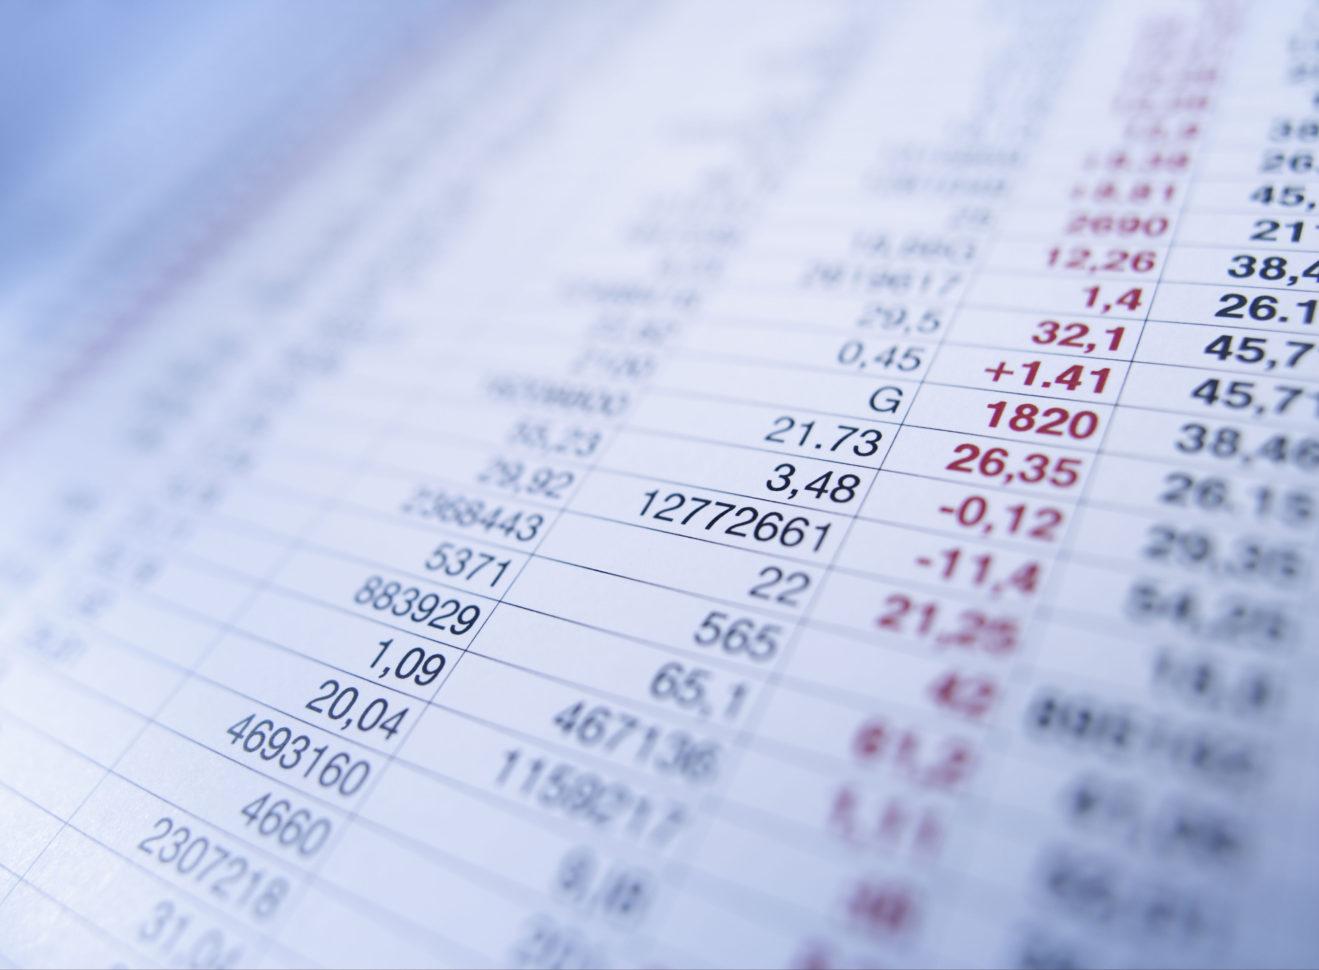 Spreadsheet Alternatives Intended For 5 Free Spreadsheet Programs